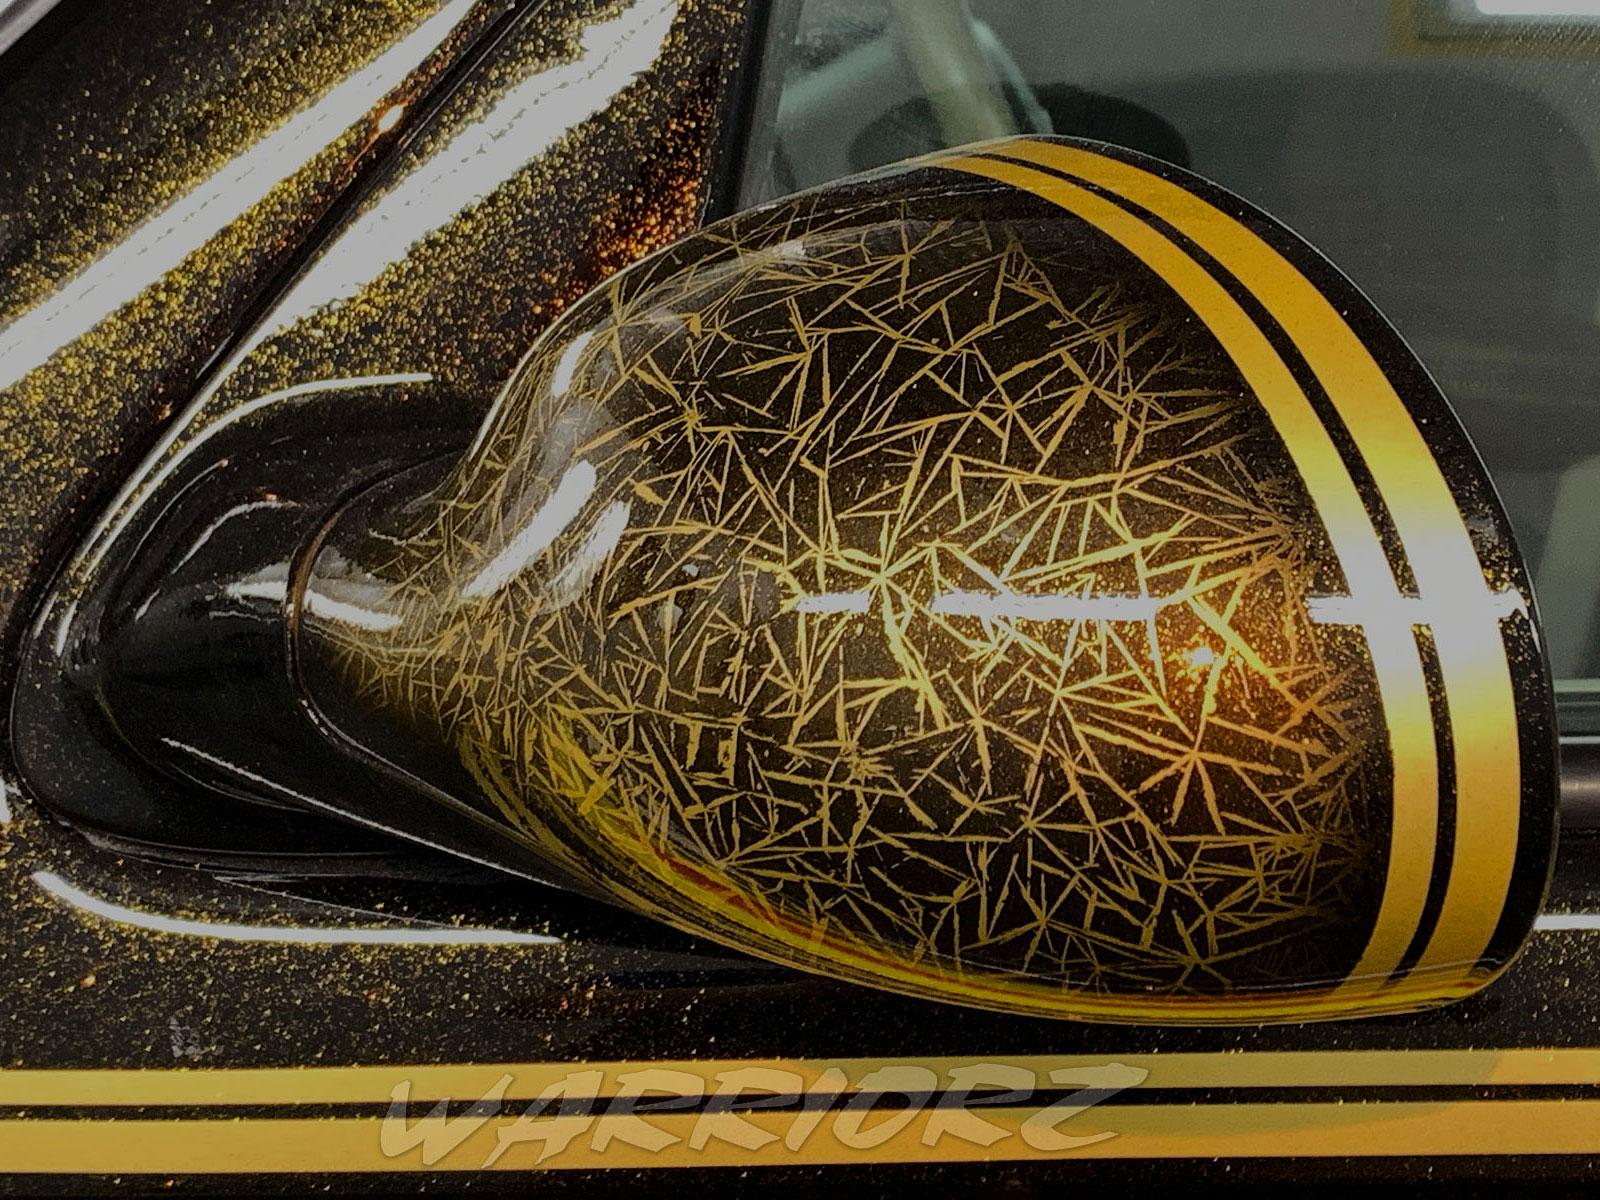 クリスタライザー,クリスタルパターン塗装,クリスタルパターン塗料,カスタムペイント,skw777,czw77